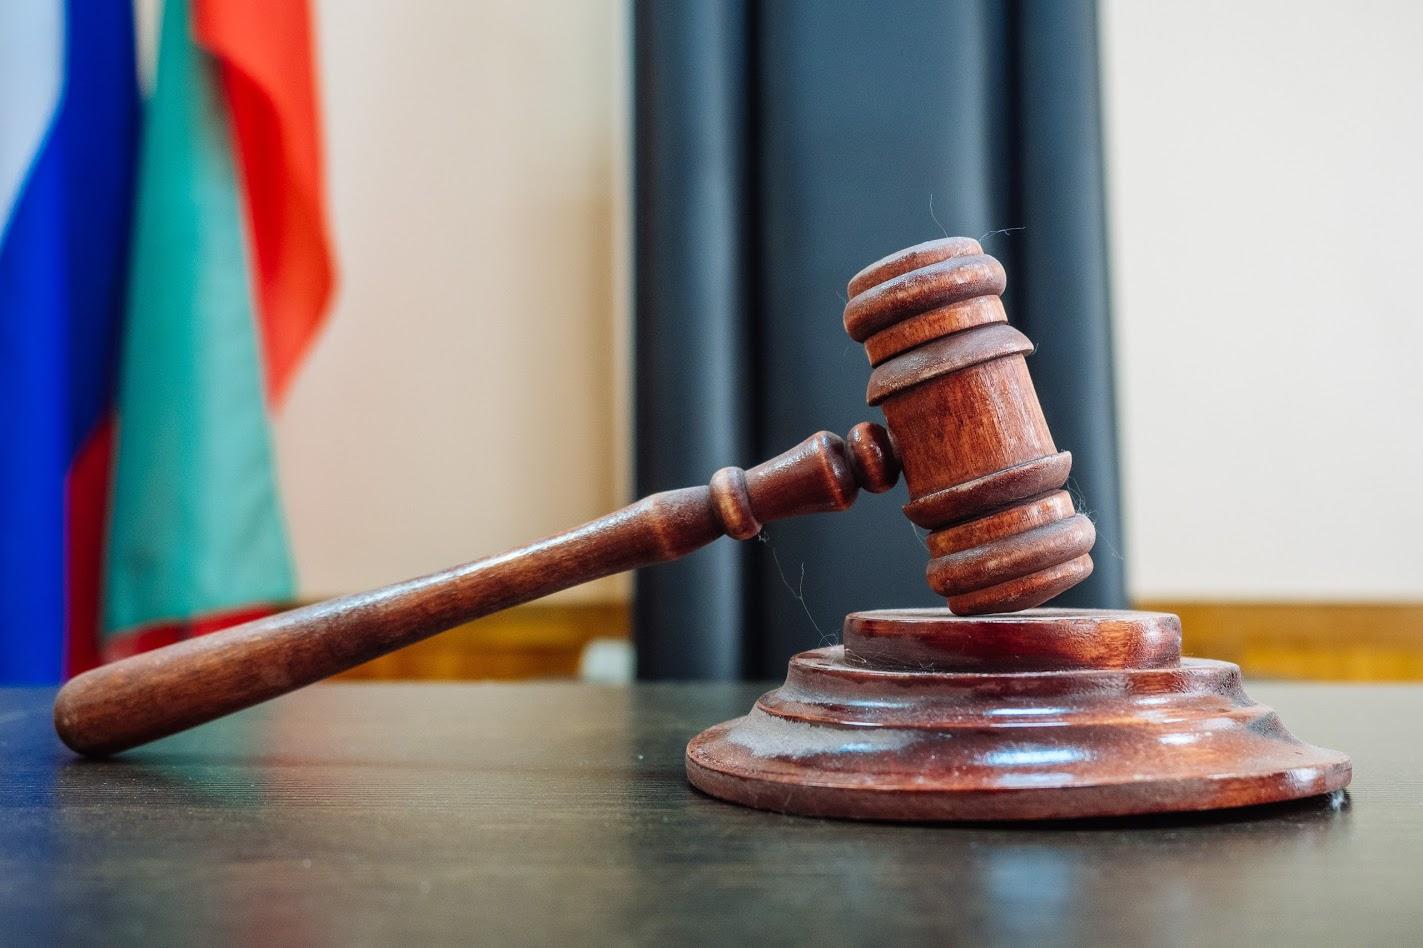 ВТатарстане захищение 165 млн руб. будут судить «черного трейдера» Даутова